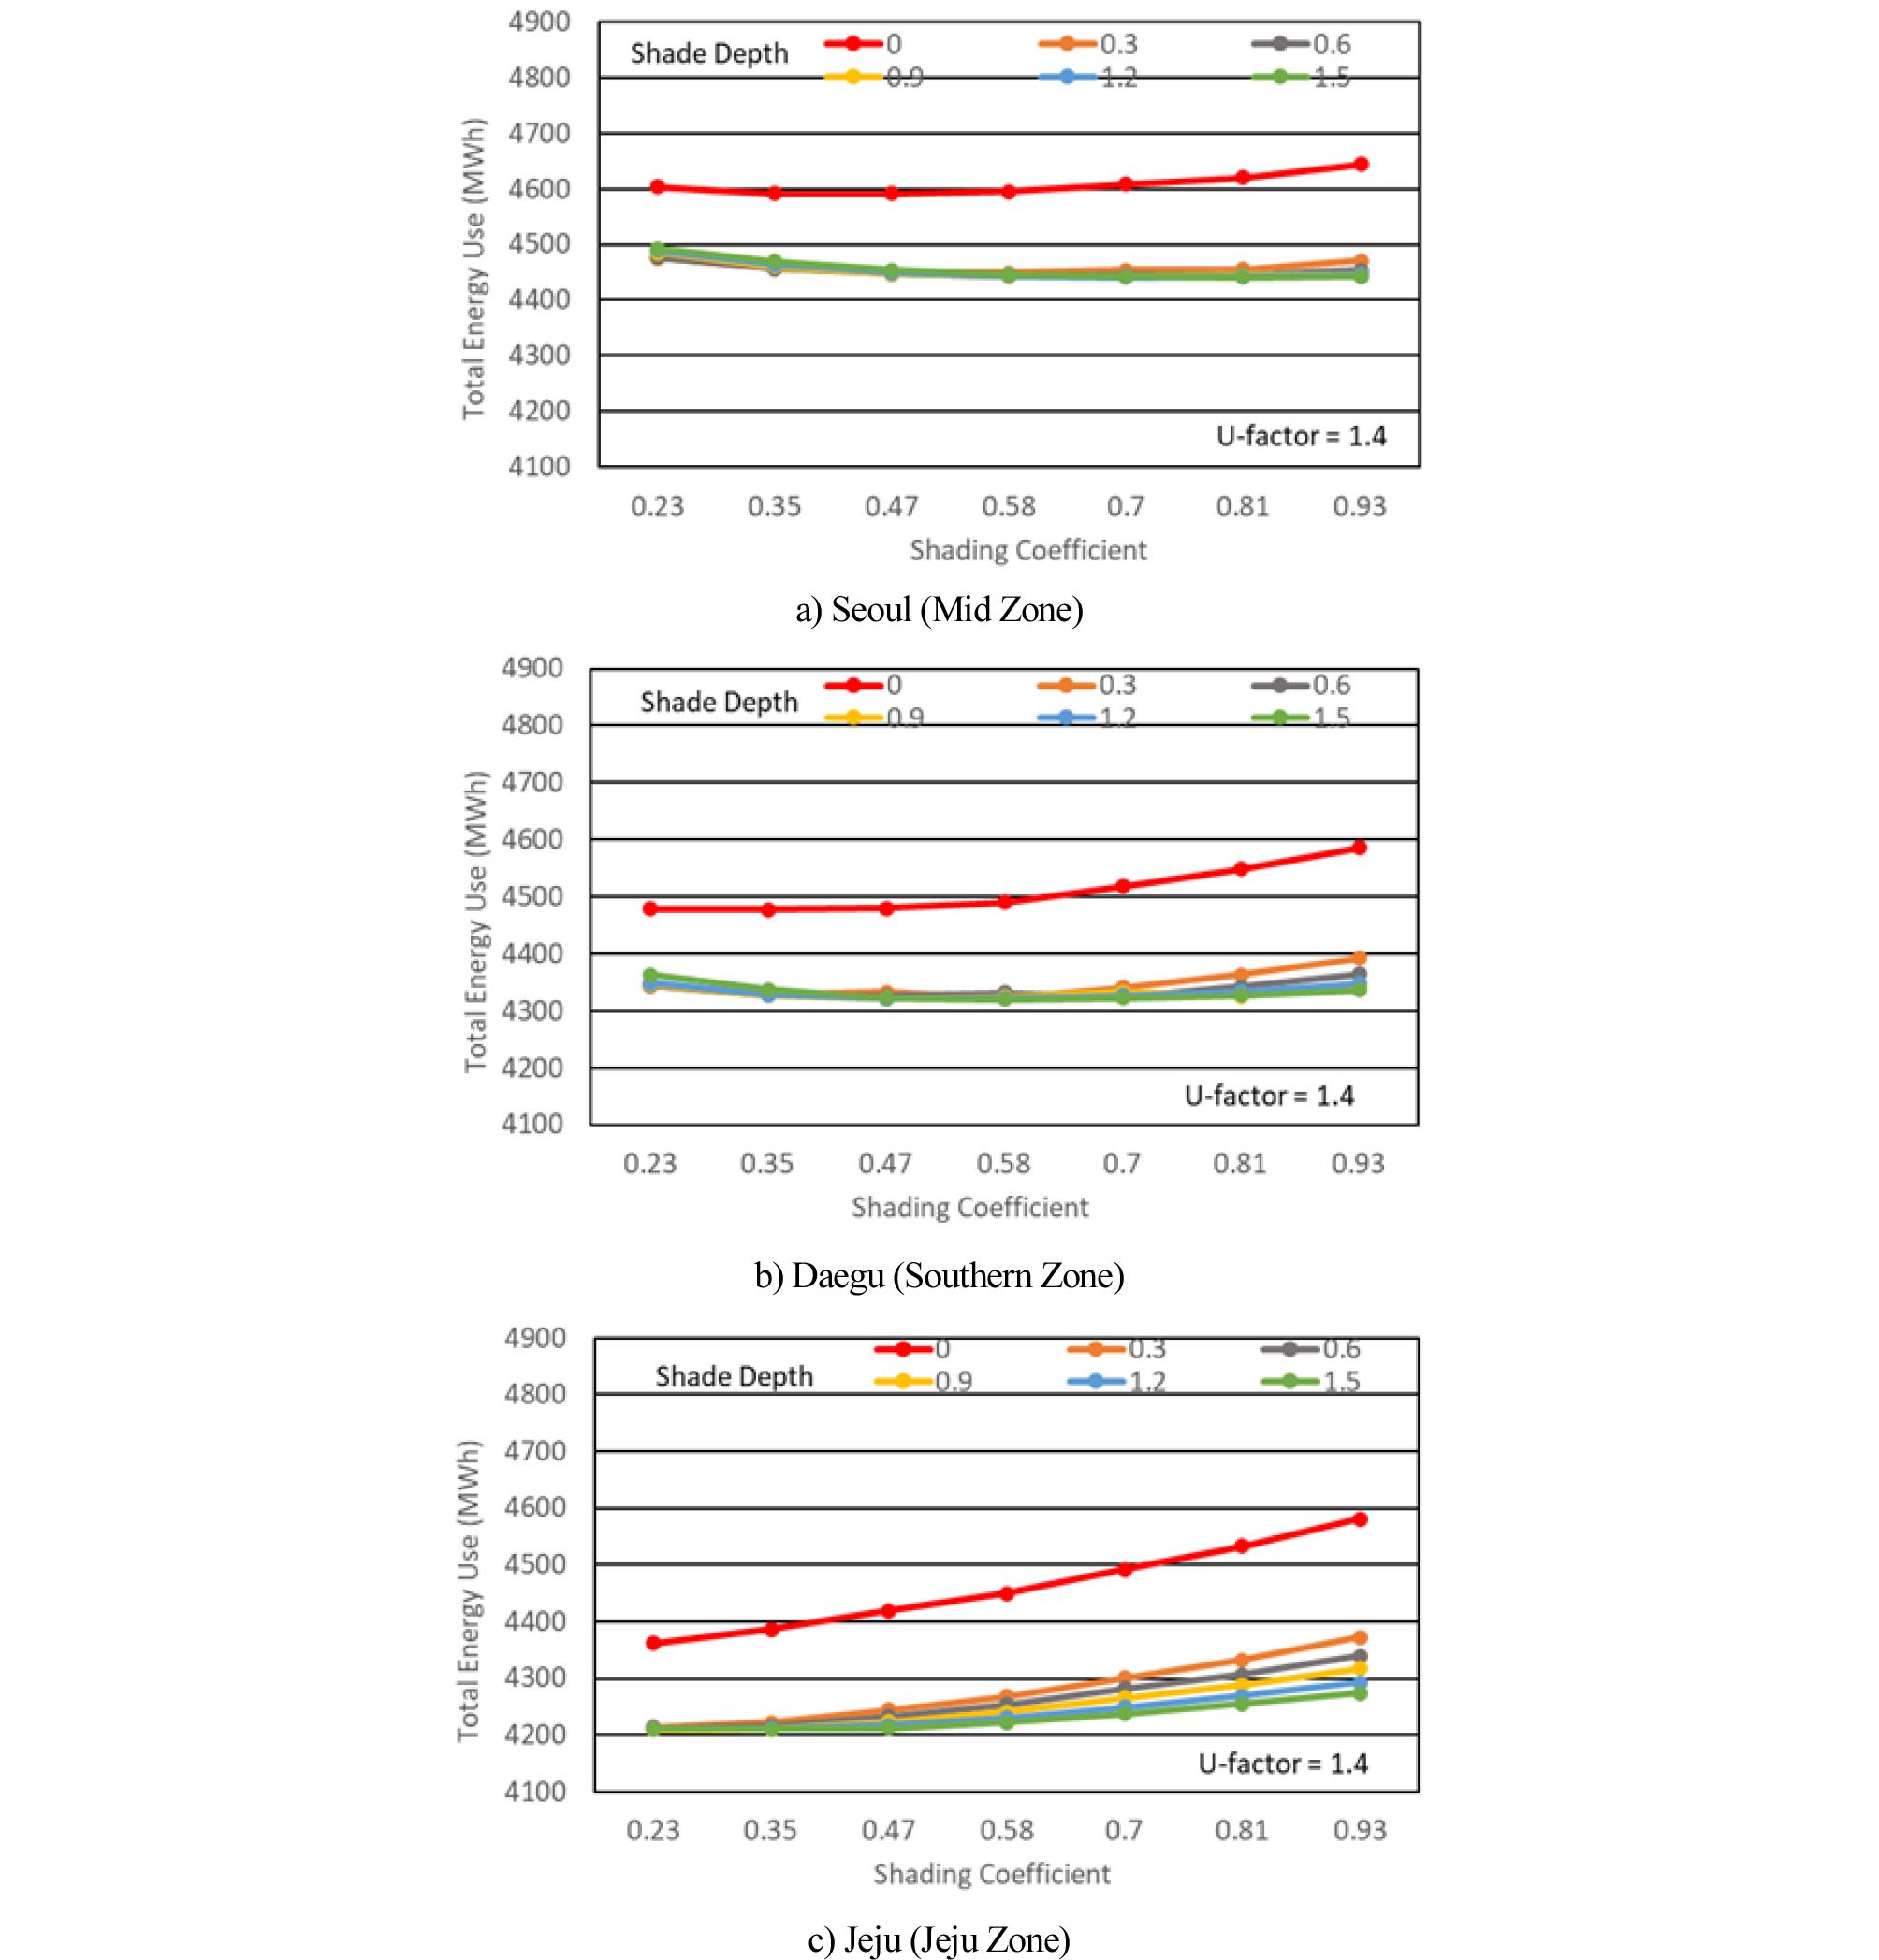 http://static.apub.kr/journalsite/sites/kiaebs/2020-014-04/N0280140402/images/Figure_KIAEBS_14_4_02_F5.jpg